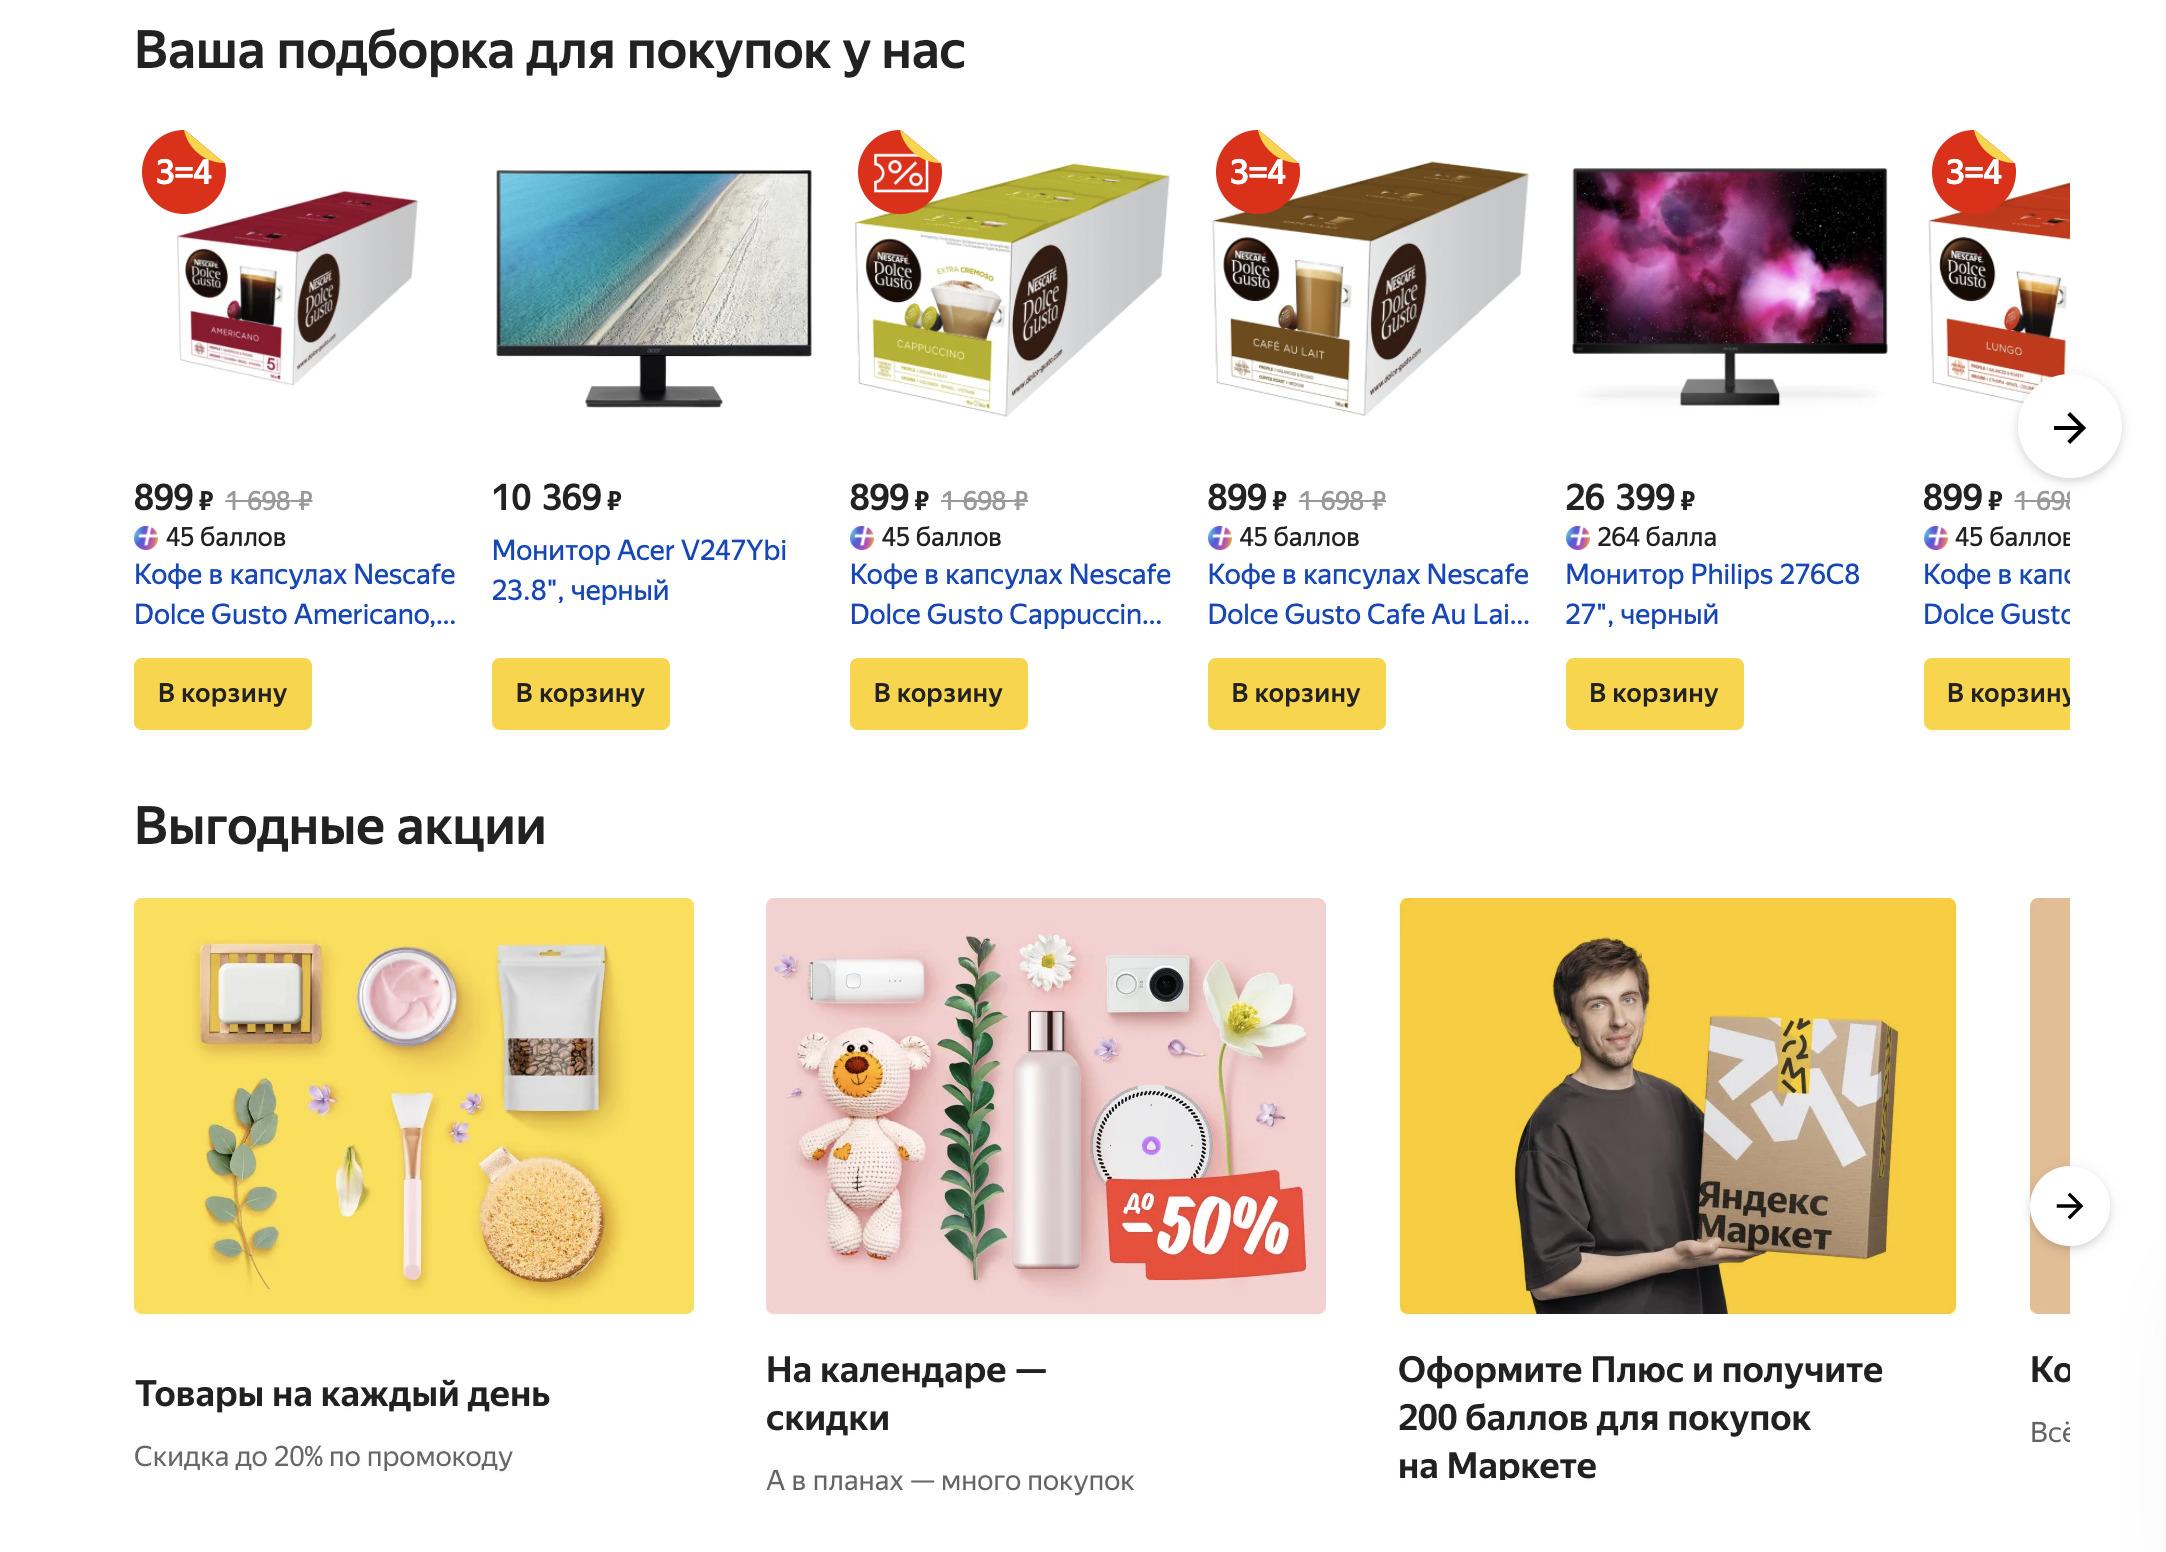 Доставка из Яндекс.Маркет в Троицк, сроки, пункты выдачи, каталог